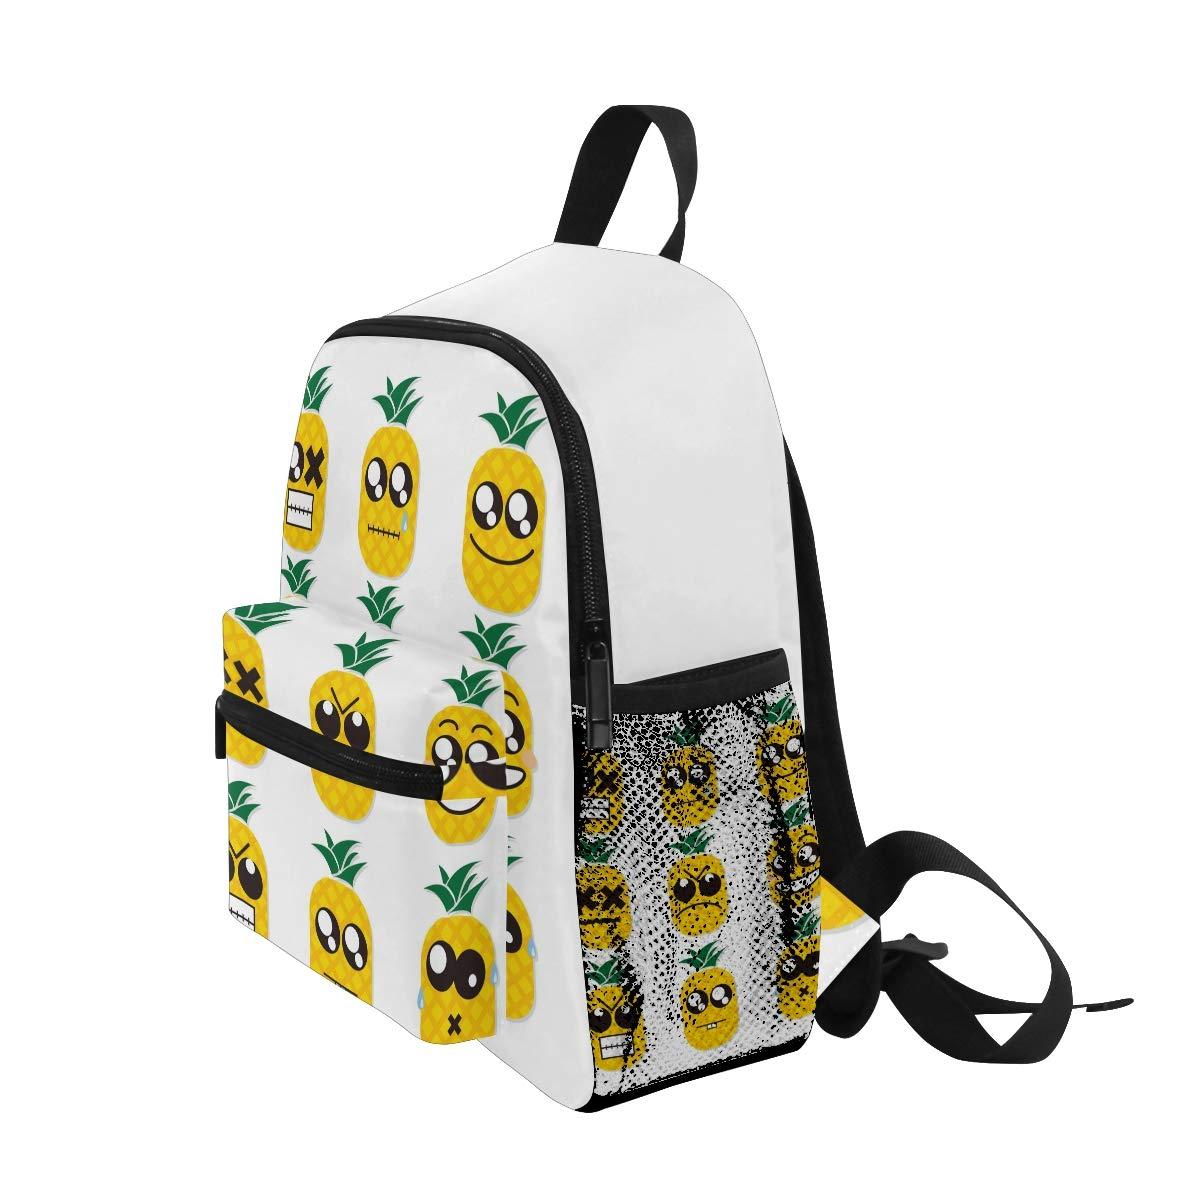 DOSHINE g17851075p204c238s338 Zainetto per bambini Unisex per bambini Multicolore Multi 10x4x12 Zaini e borse sportive